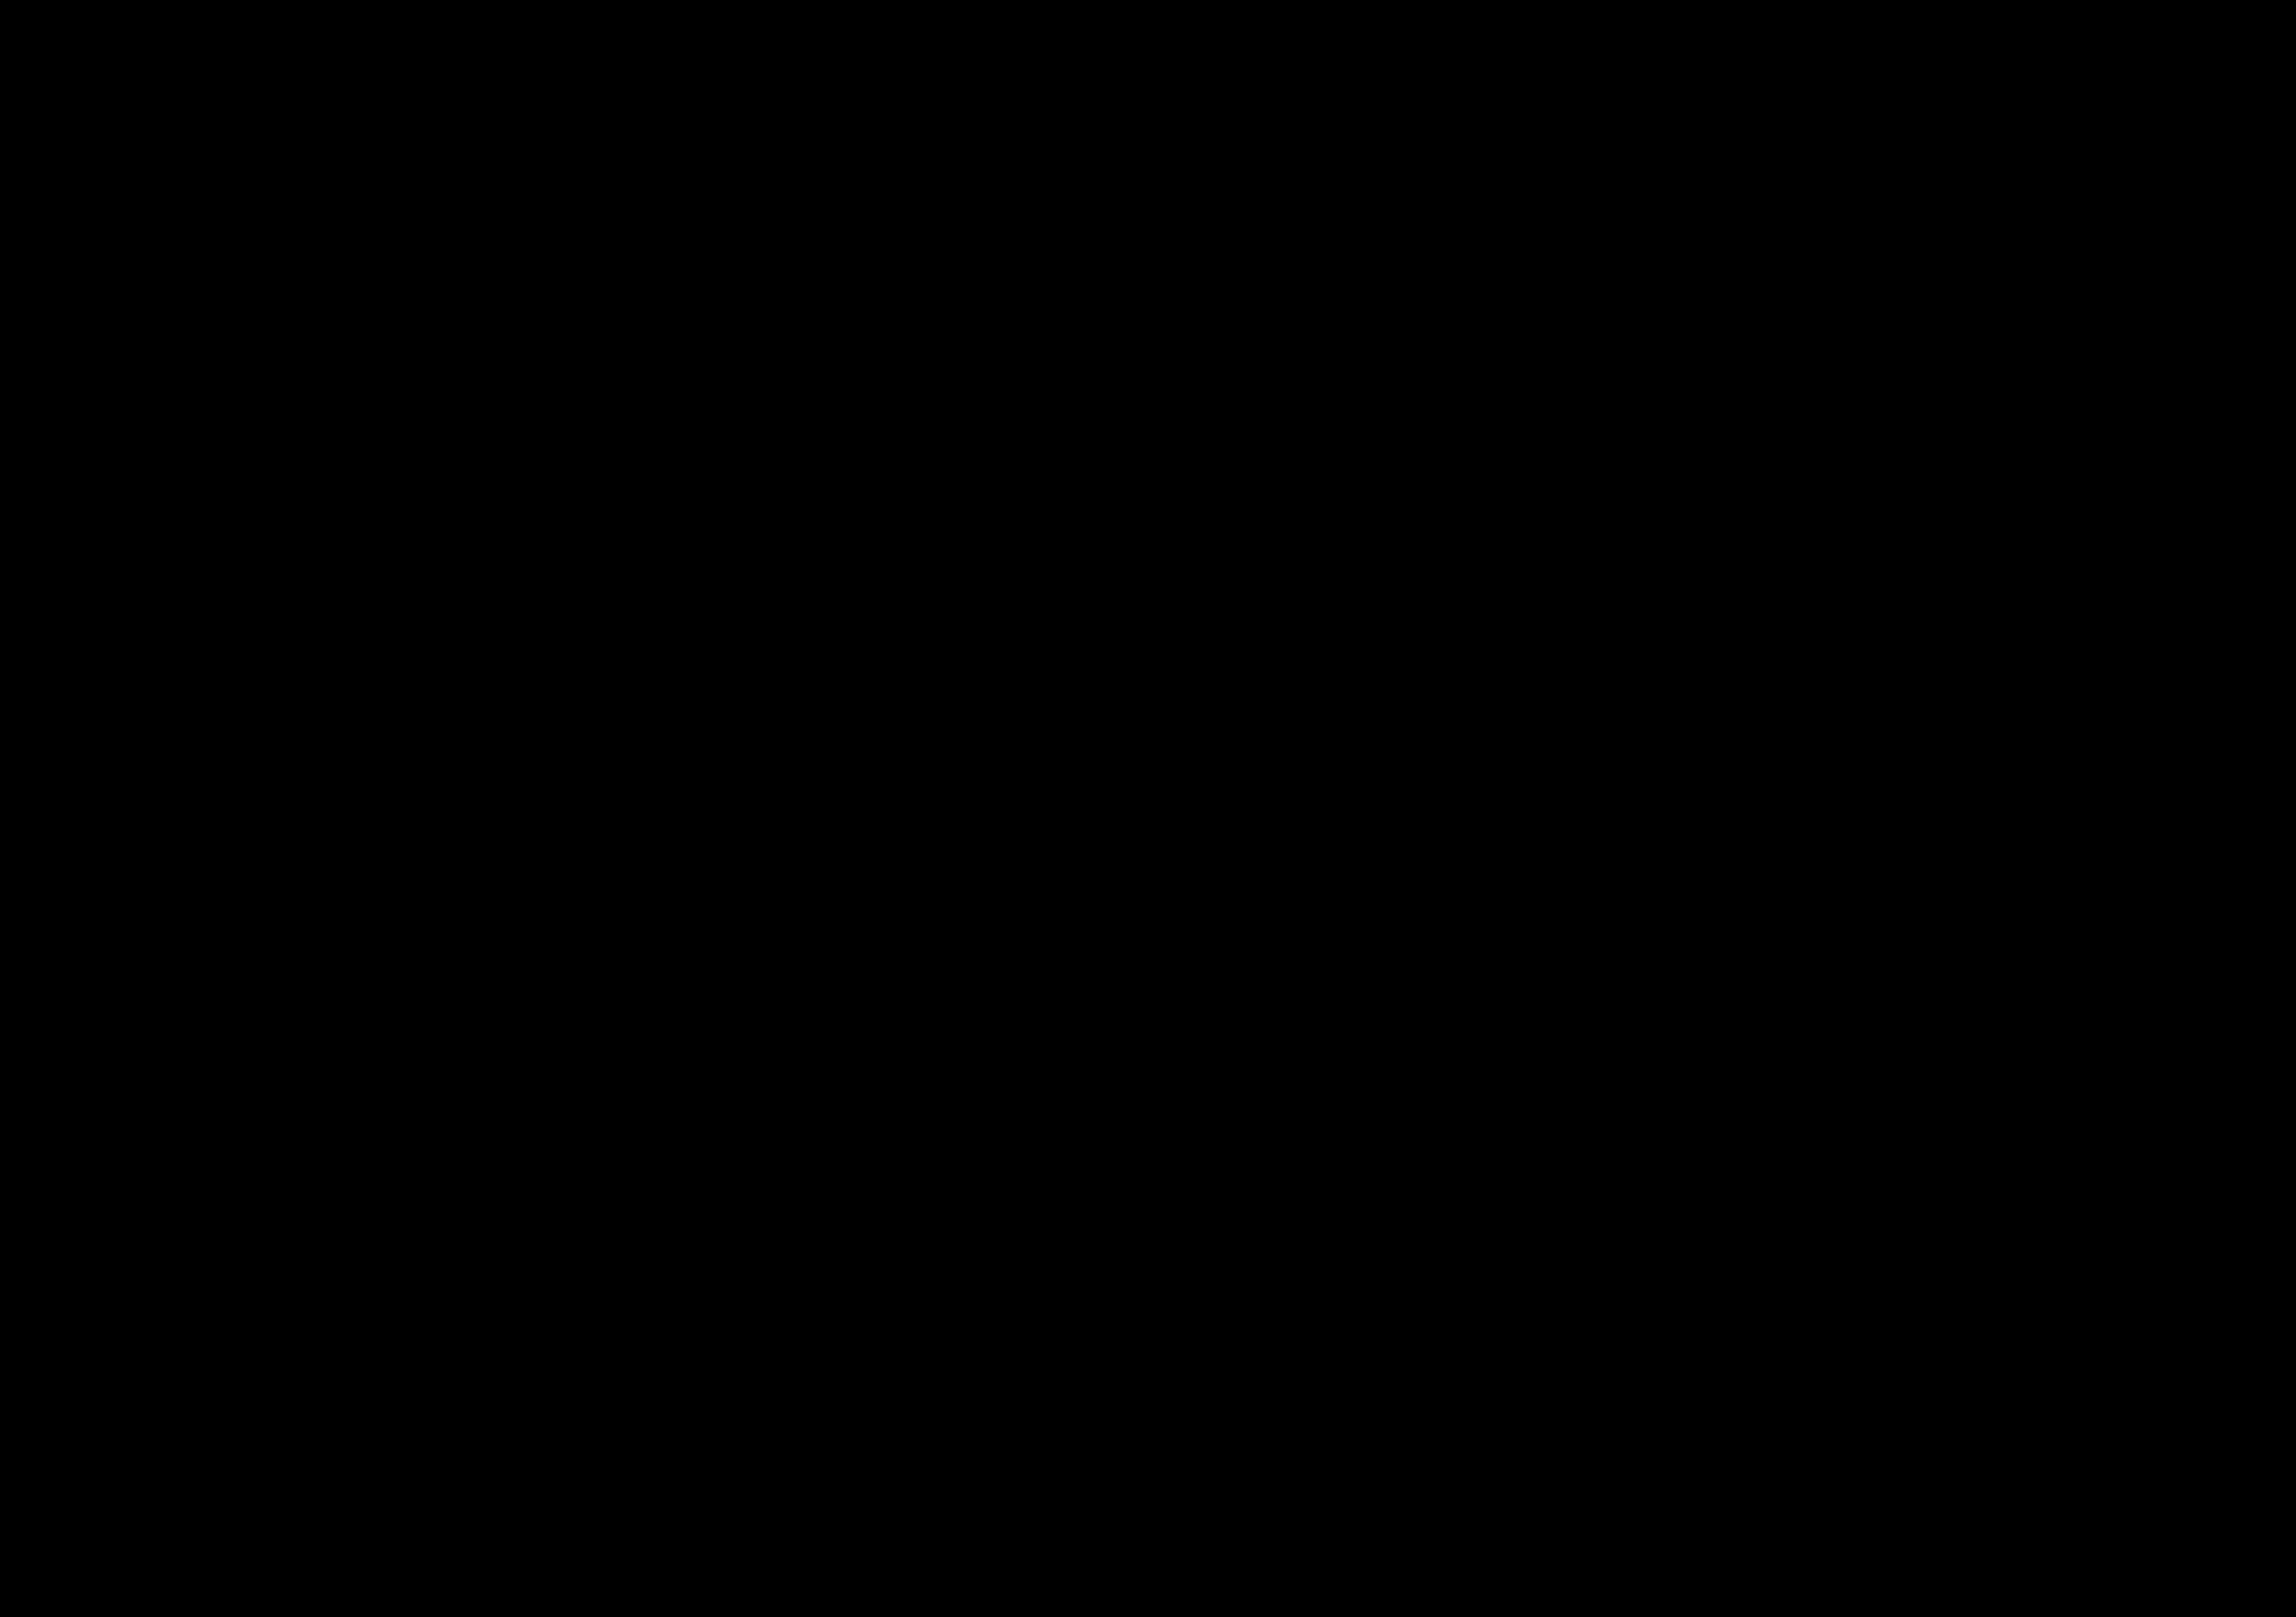 association phonique des grands artistes 1906.jpg